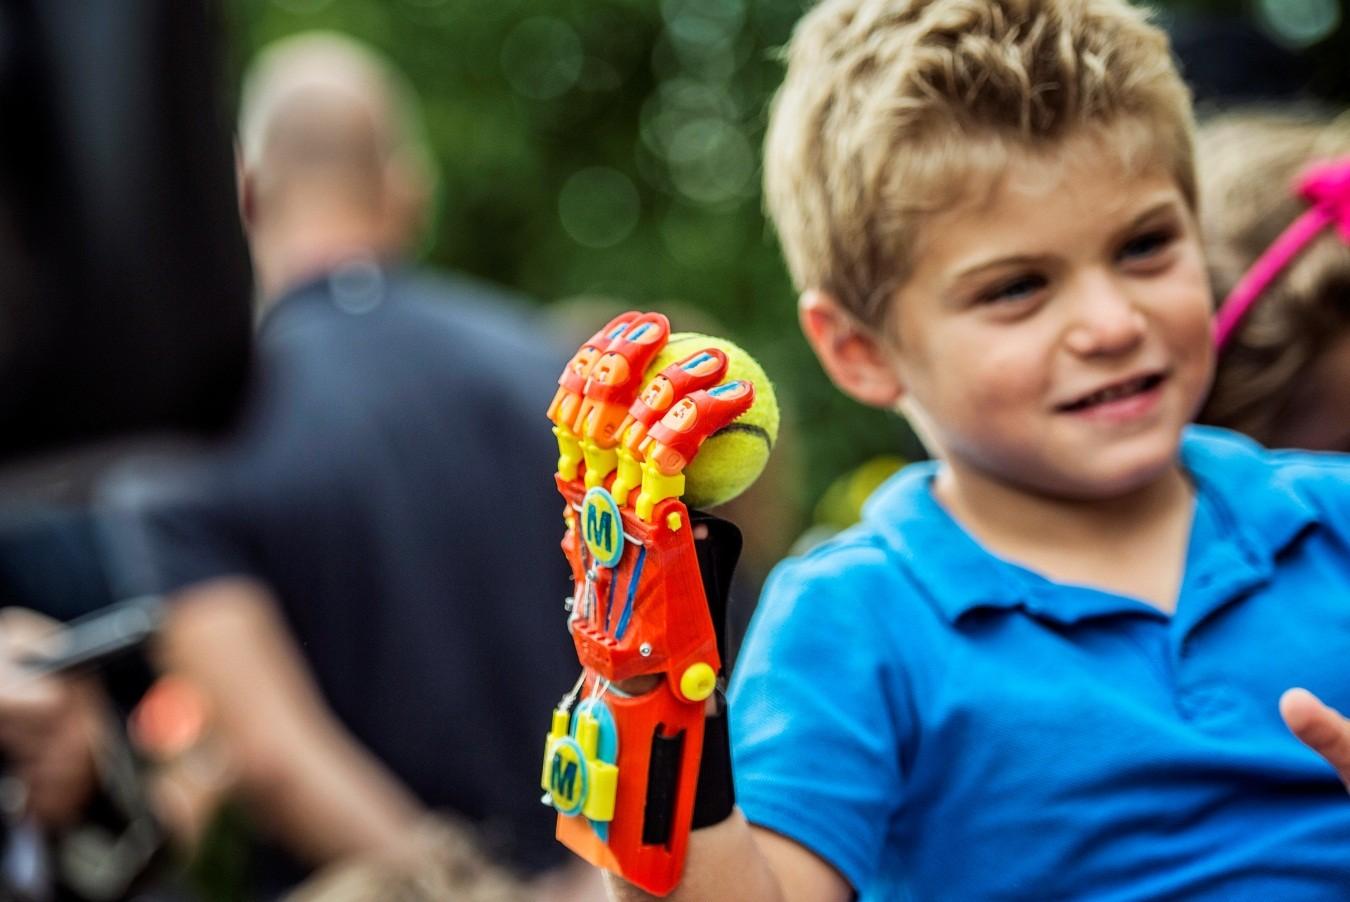 prótesis 3D para personas discapacidades discapacidad ayuda apoyo niños niñas